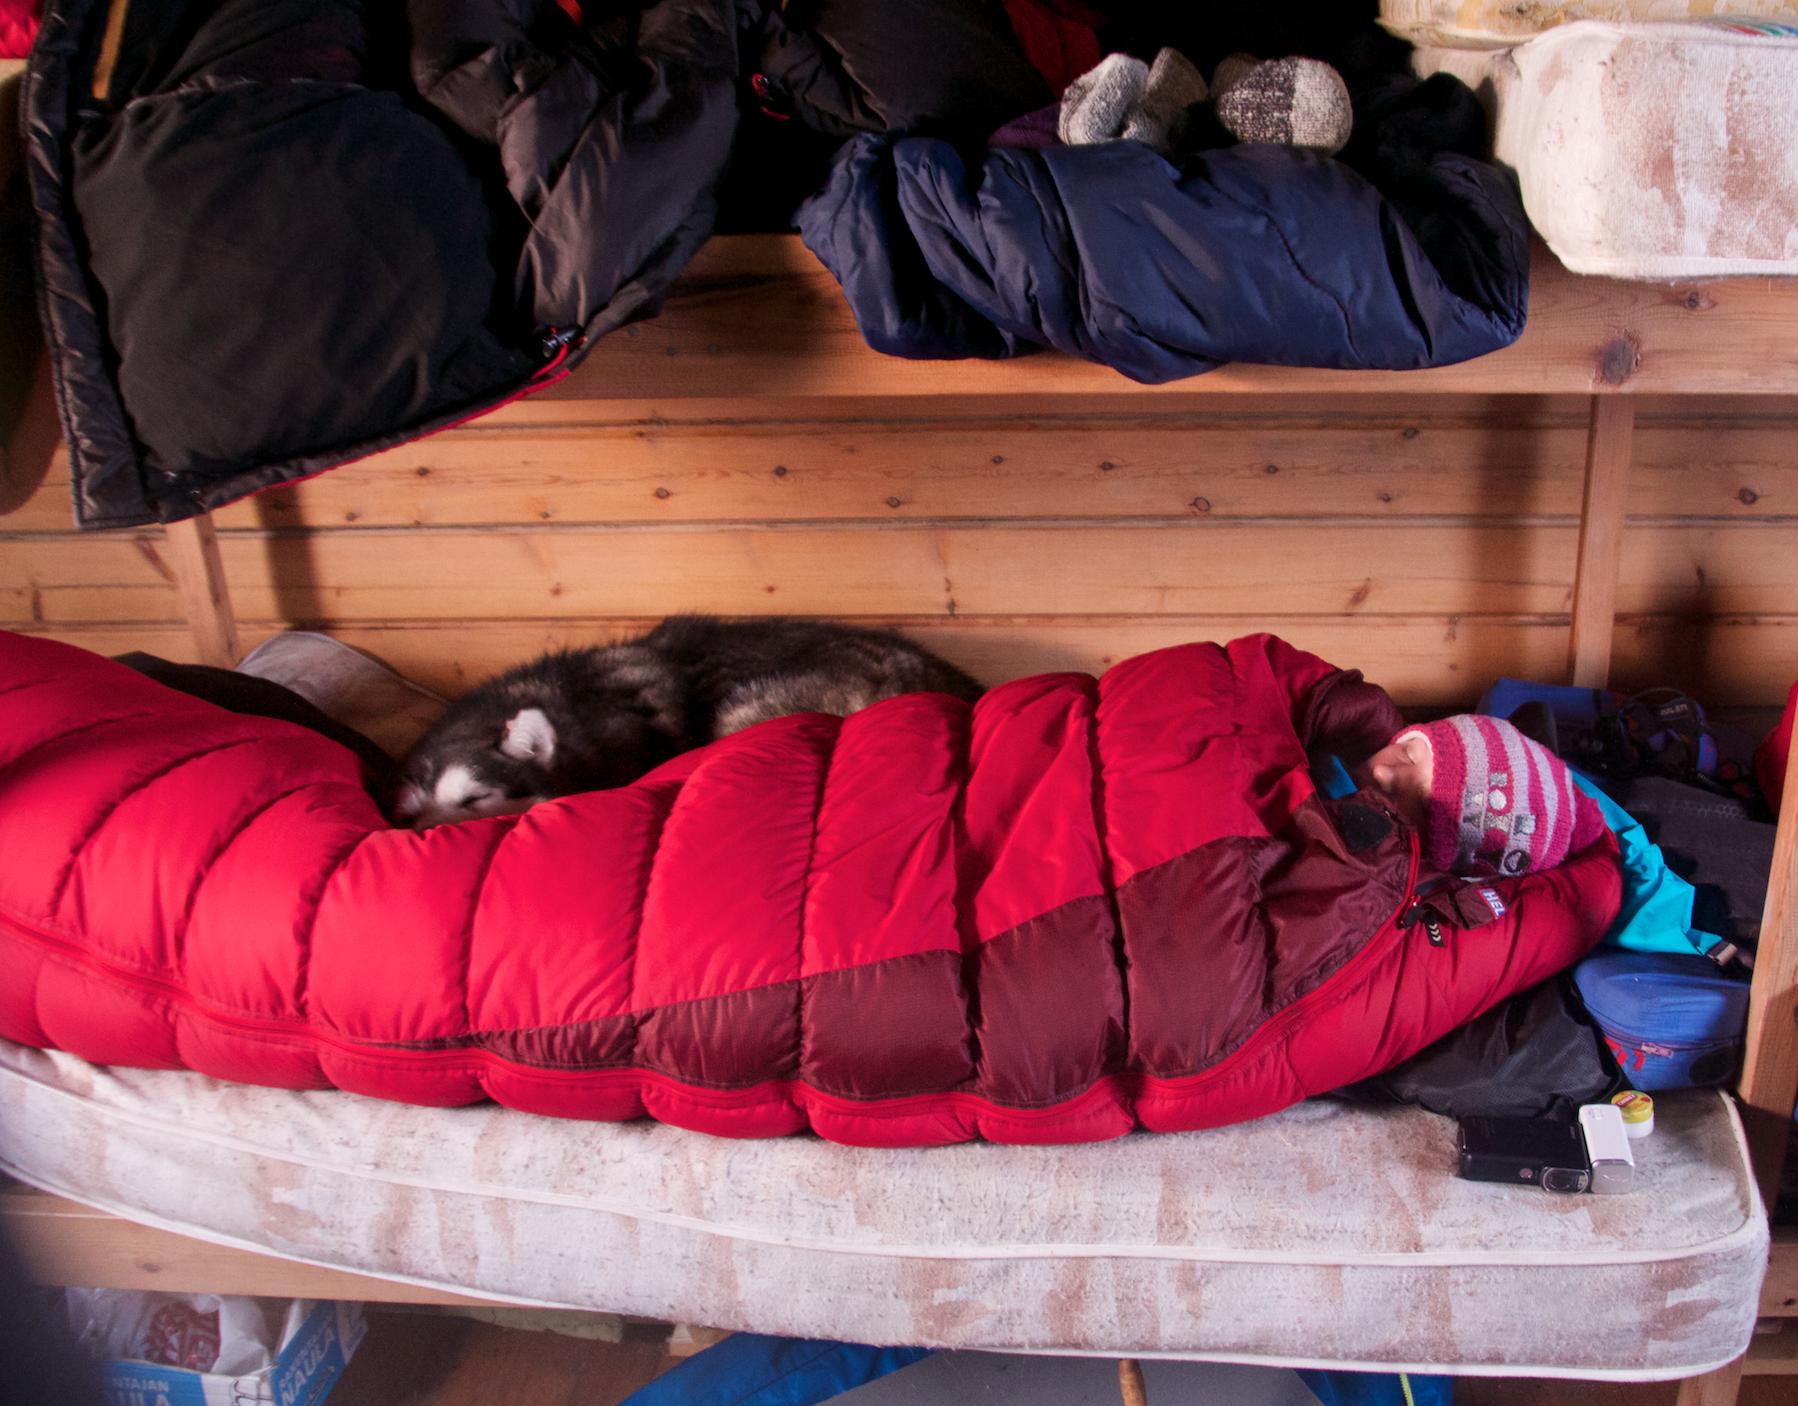 En riktig god vinterpose øker komforten. Her sov vi i en hytte hvor tempen var -30 innendørs og -45 utendørs! Brrrrrr!!!